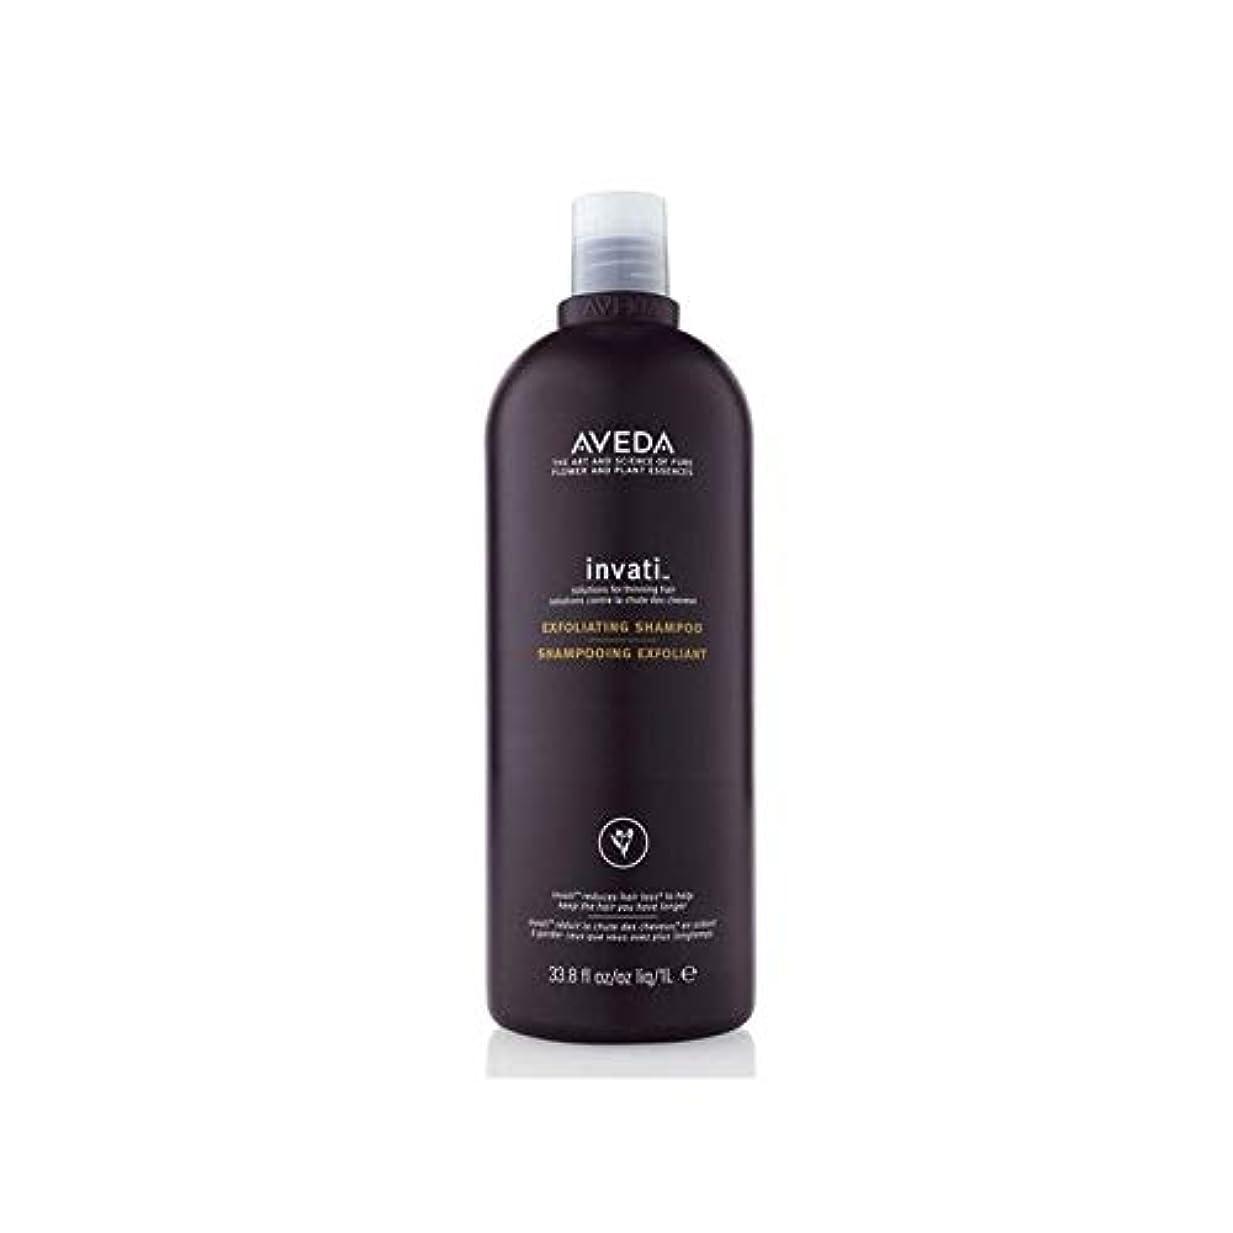 レトルト疾患かもめ[AVEDA ] アヴェダInvatiシャンプー(千ミリリットル) - Aveda Invati Shampoo (1000ml) [並行輸入品]